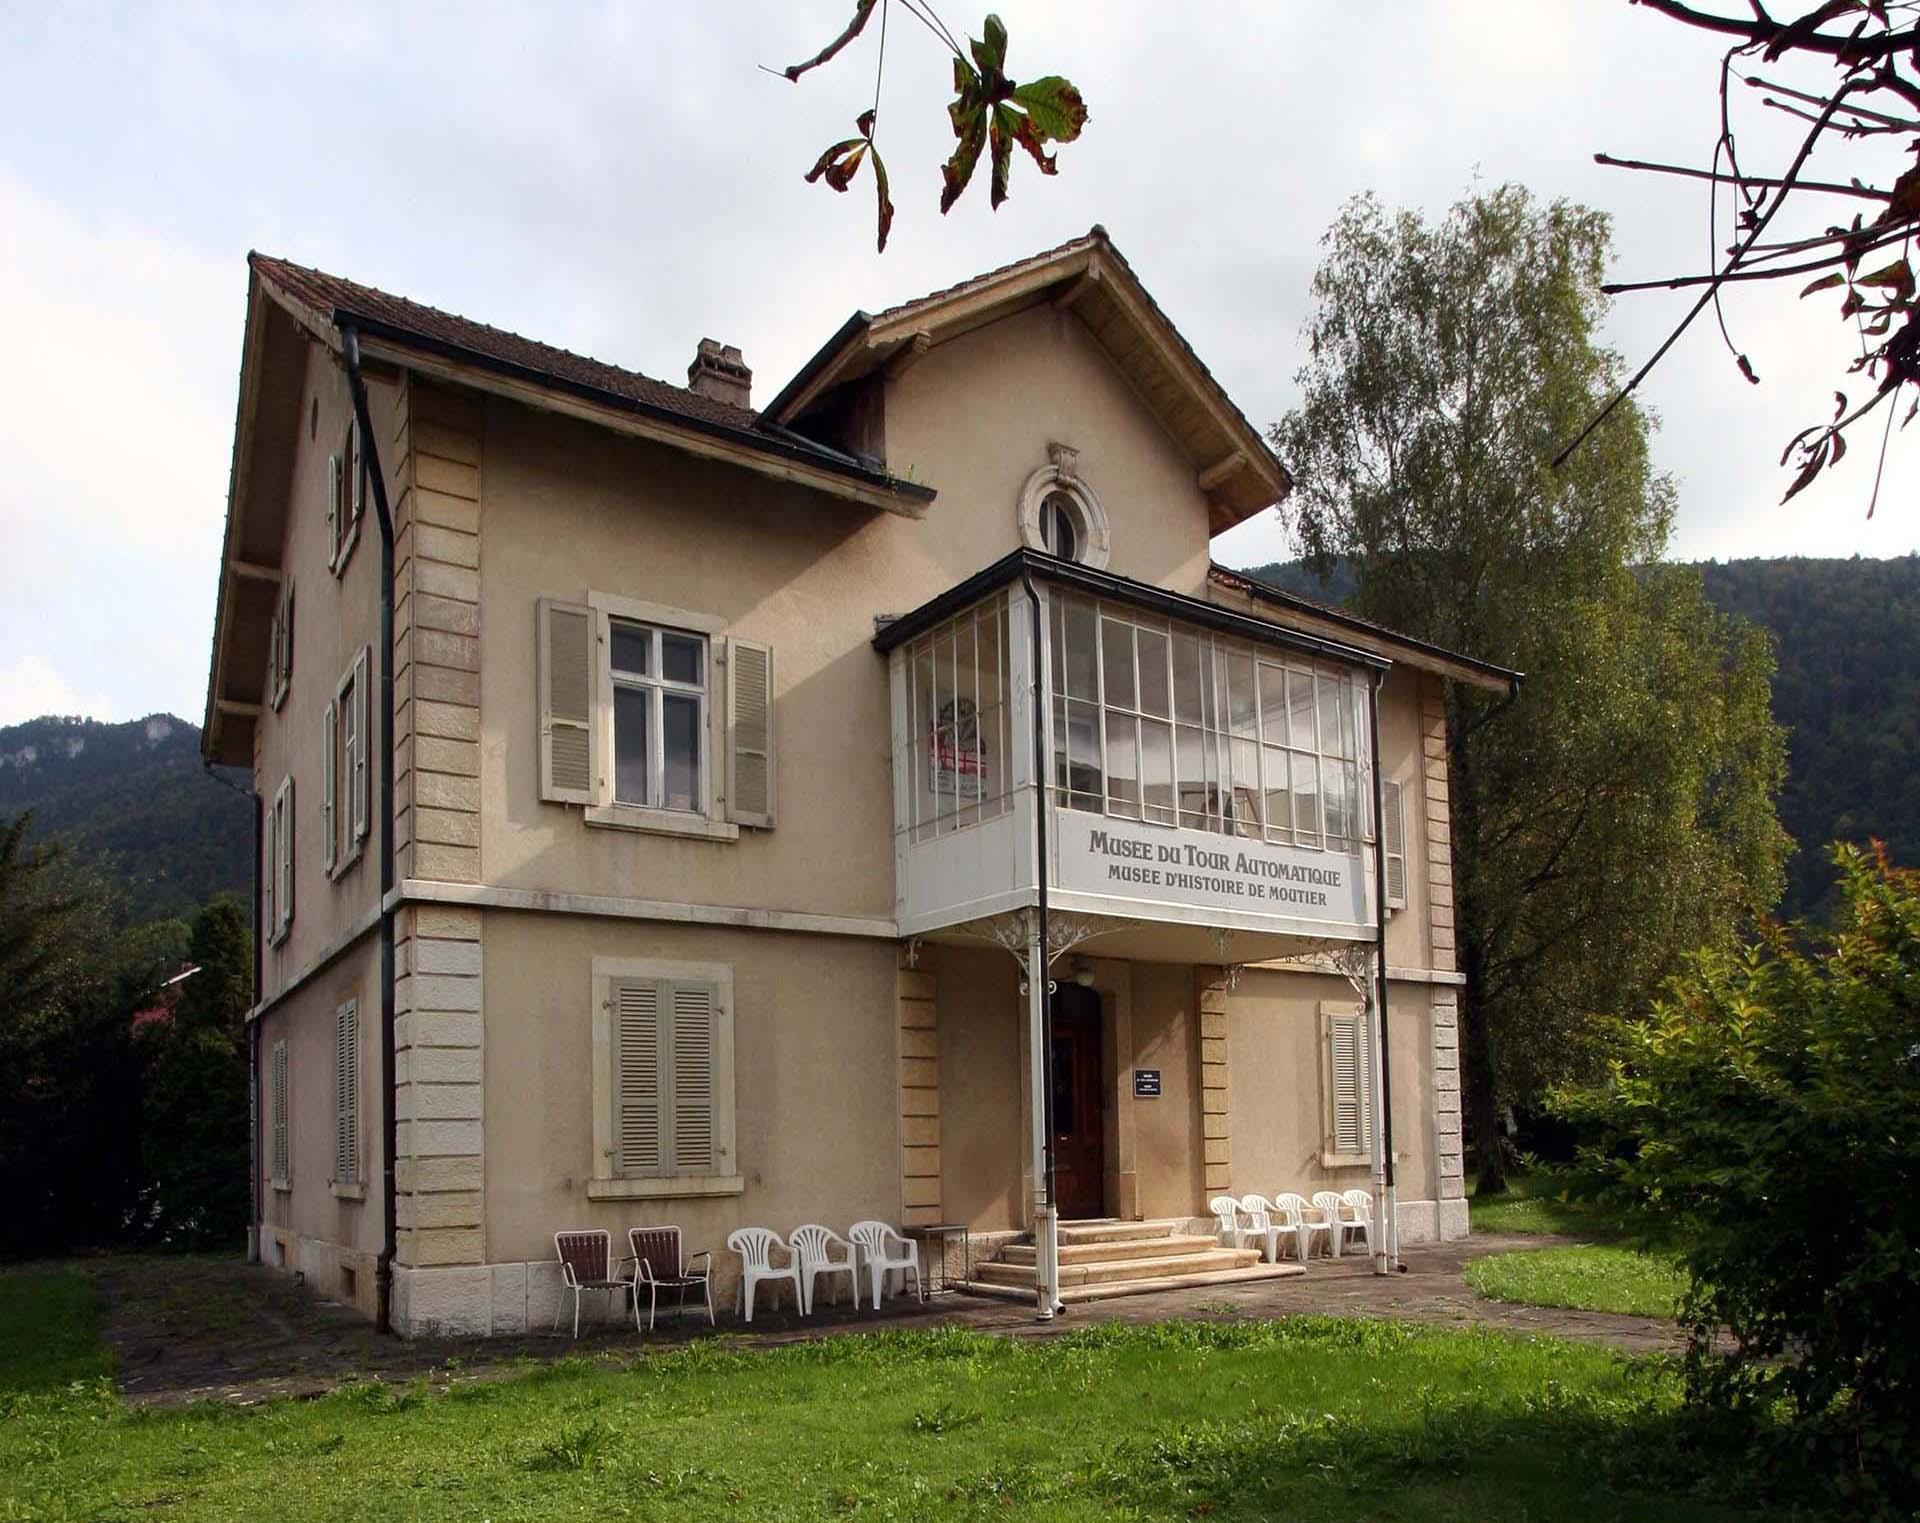 Villa Junker abritant le Musée du Tour Automatique et d'Histoire de Moutier